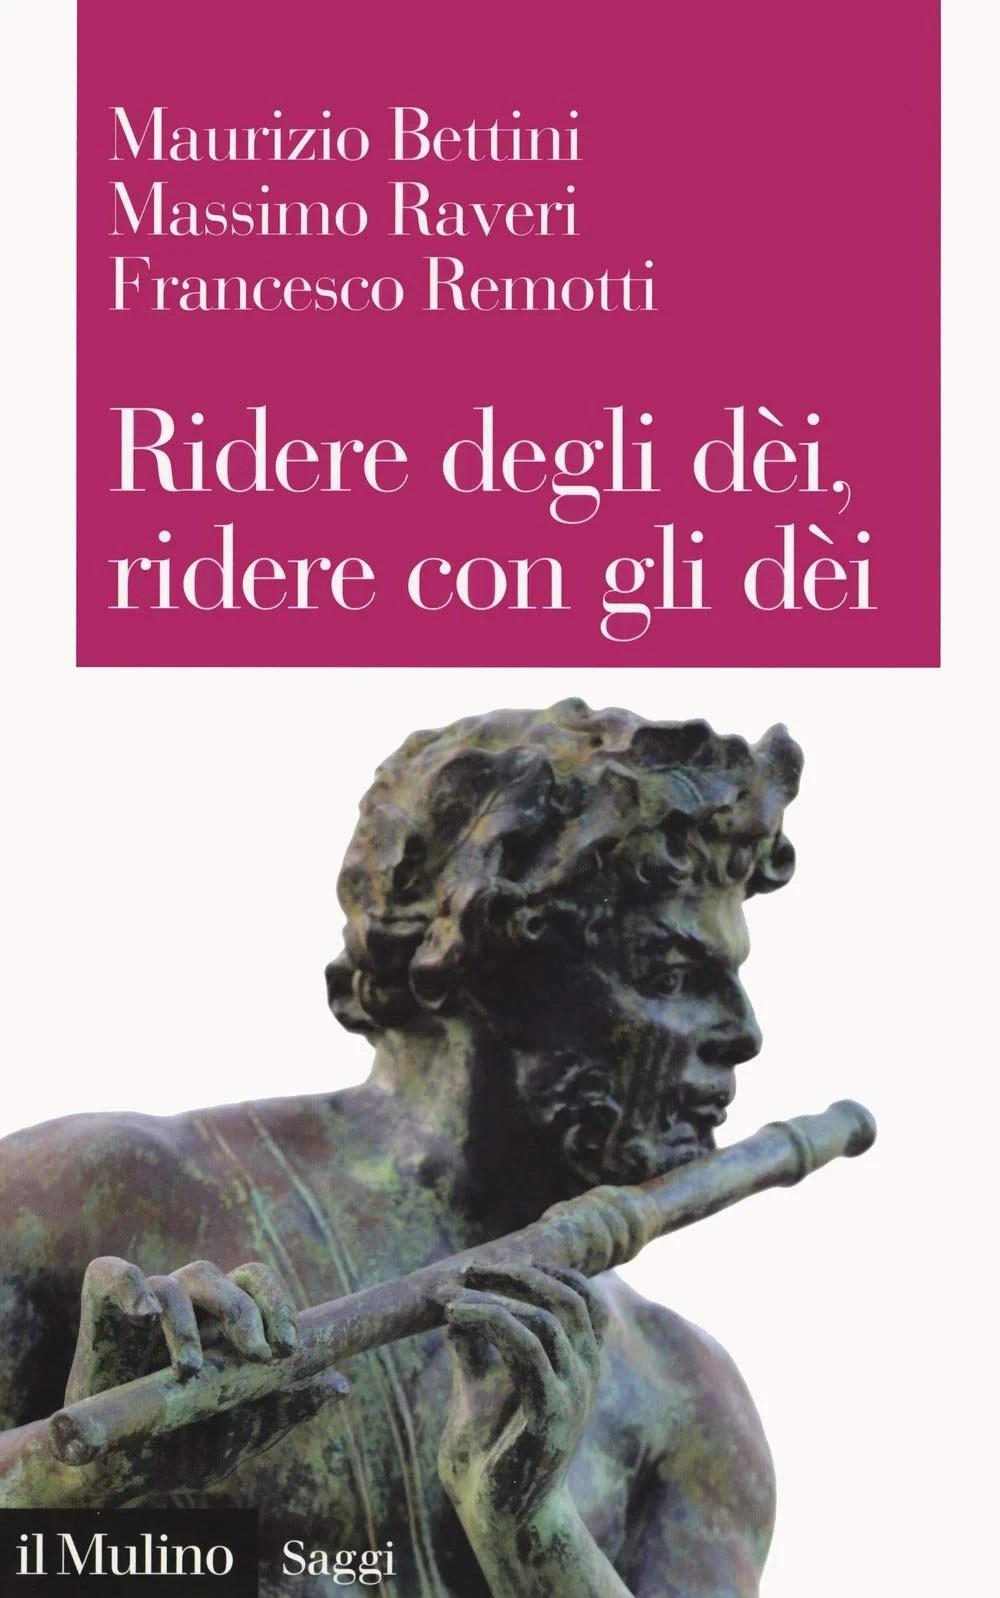 Ridere Degli Dèi, Ridere Con Gli Dèi – M. Bettini, M. Raveri, F. Remotti